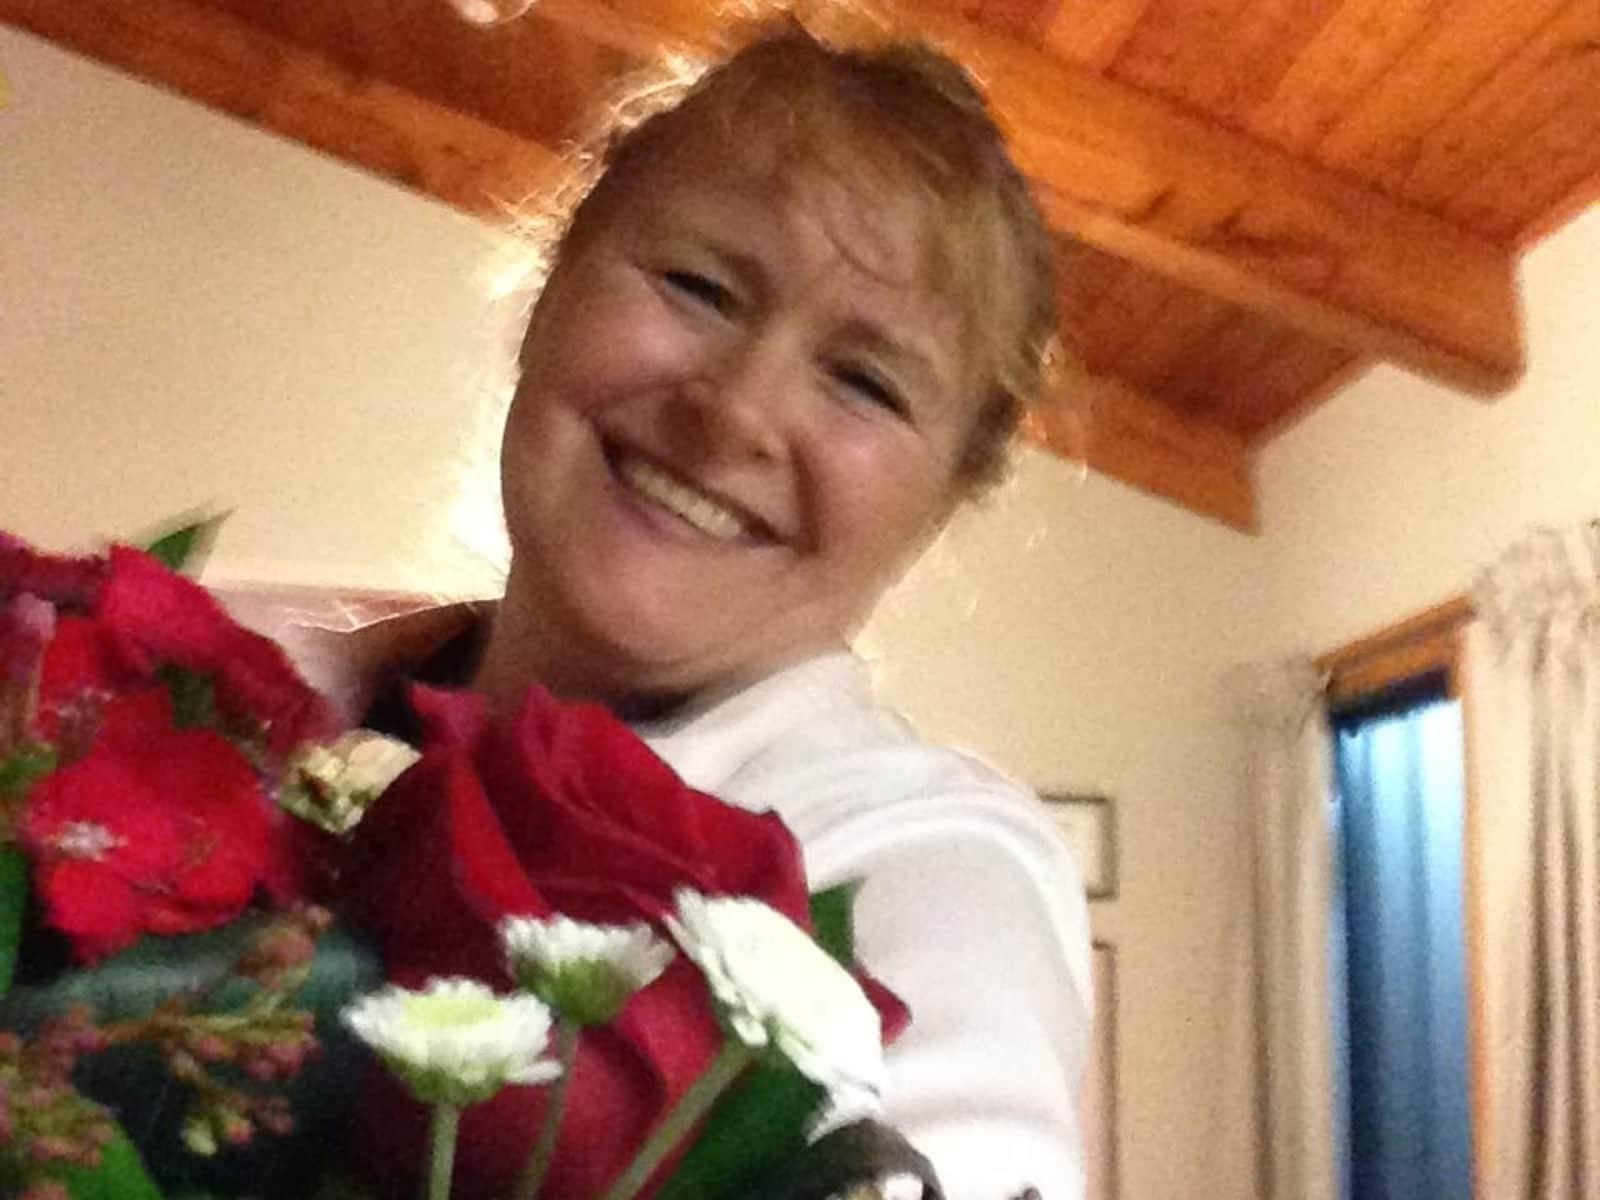 Joanie from Motueka, New Zealand